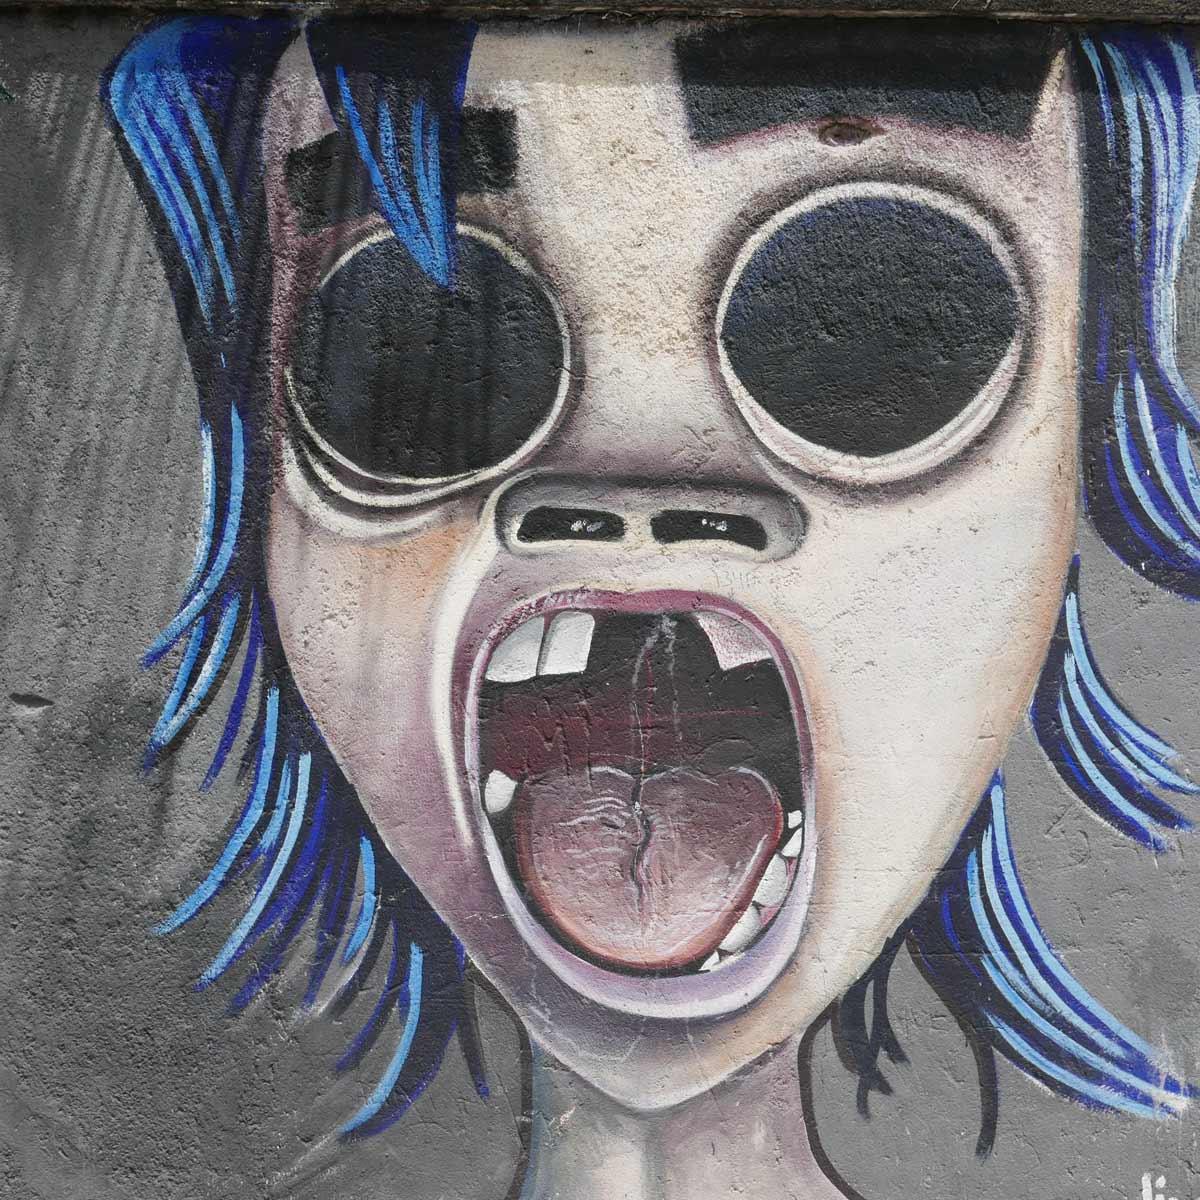 Screaming kid graffiti in Esteli, Nicaragua